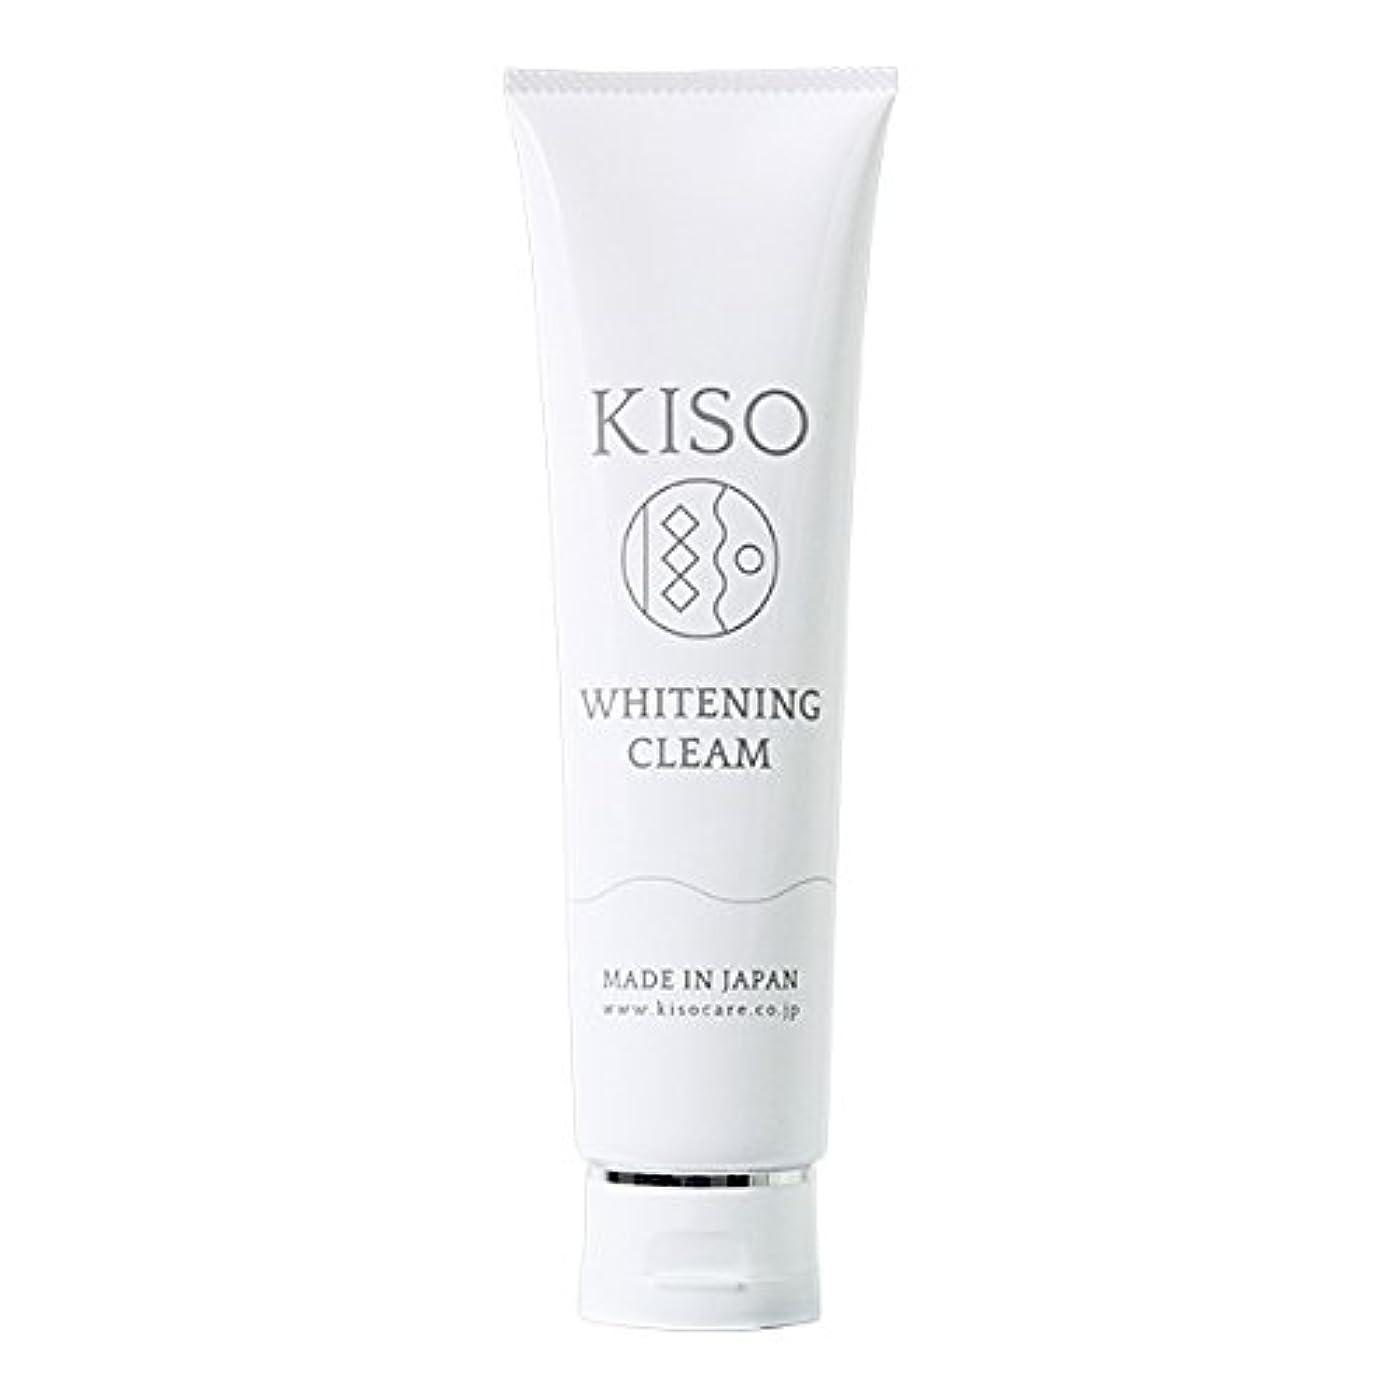 あざ依存め言葉【KISO 薬用 ホワイトニング クリーム 150g】 【医薬部外品】トラネキサム酸2%配合クリーム。